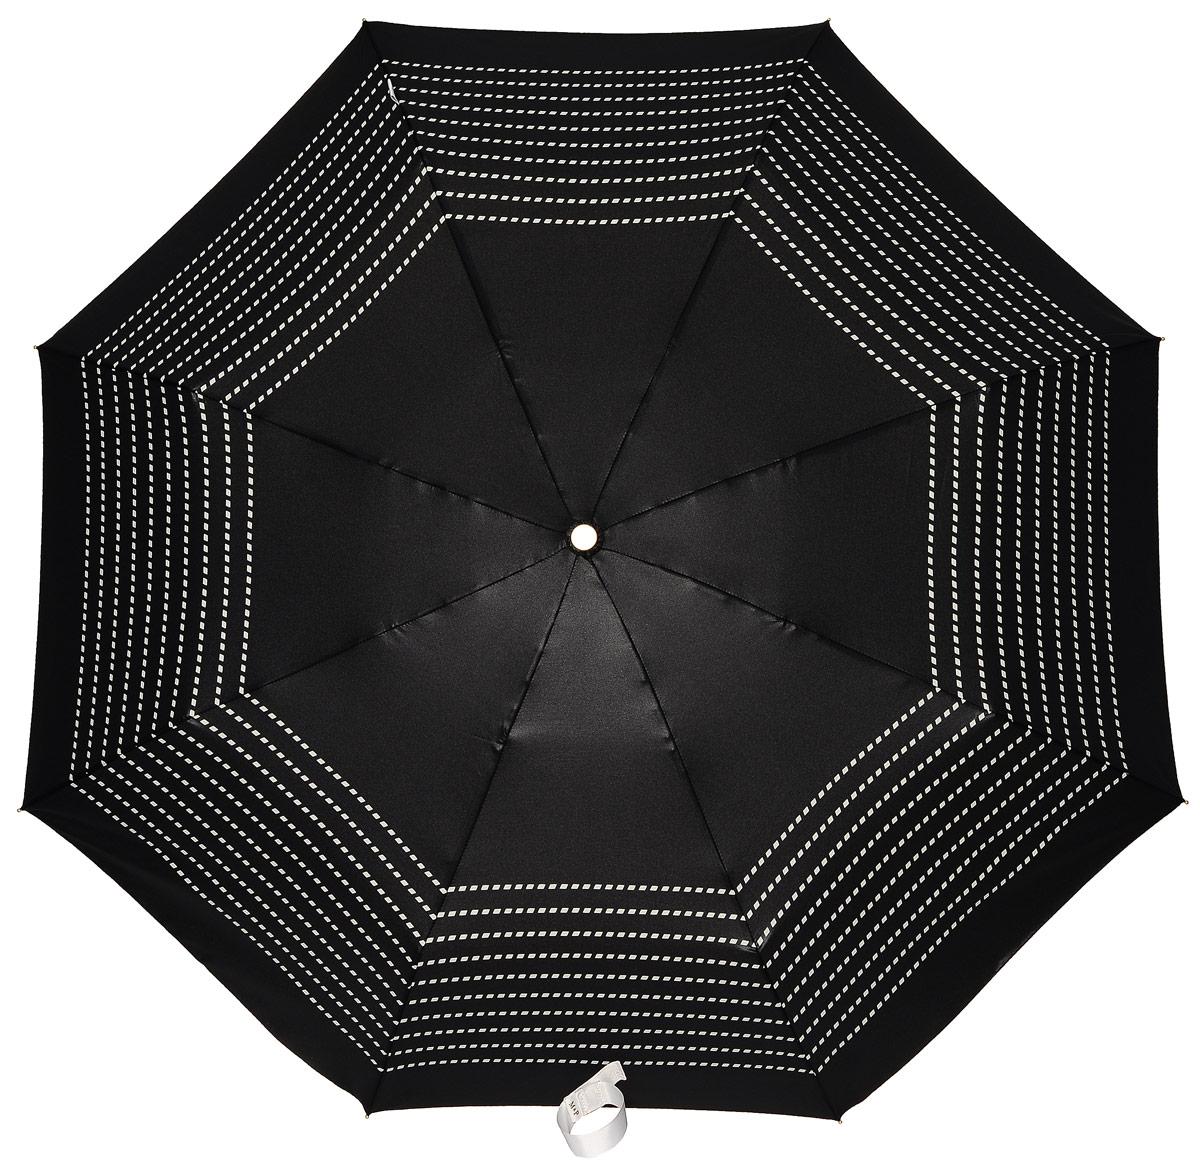 M&P 5789-5 Зонт полный автом. 3 сл. жен.5789-5Зонт испанского производителя Clima. В производстве зонтов используются современные материалы, что делает зонты легкими, но в то же время крепкими.Полный автомат, 3 сложения, 7 спиц, полиэстер.